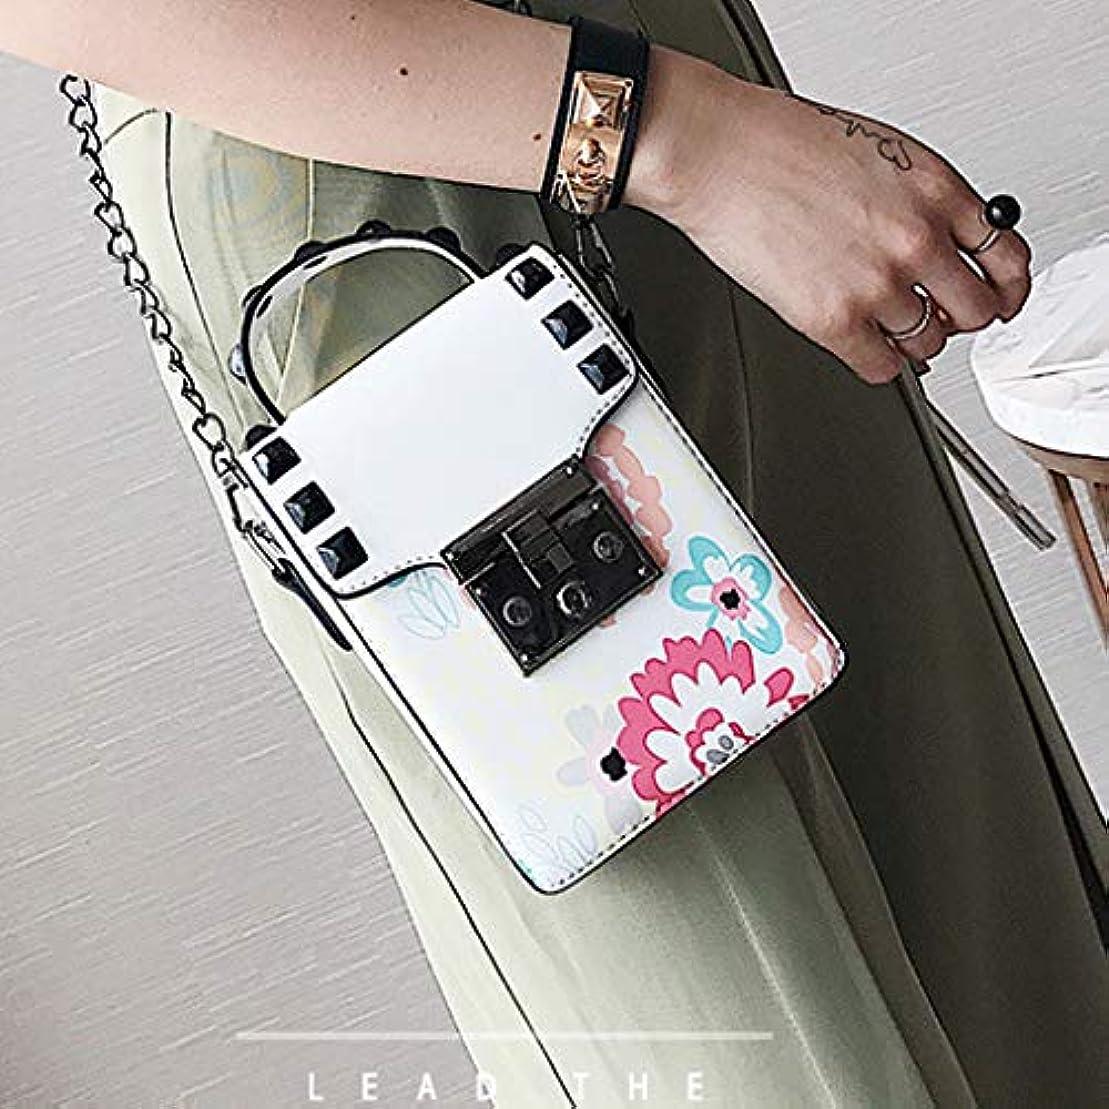 かわいらしい写真の砂漠女性印刷リベットチェーンショルダーバッグレディースキャンパススタイルクロスボディバッグ、ファッショントレンド新しいクロスボディバッグ、チェーンレディース小さなバッグ、プリントパターントレンド小さな財布 (白)